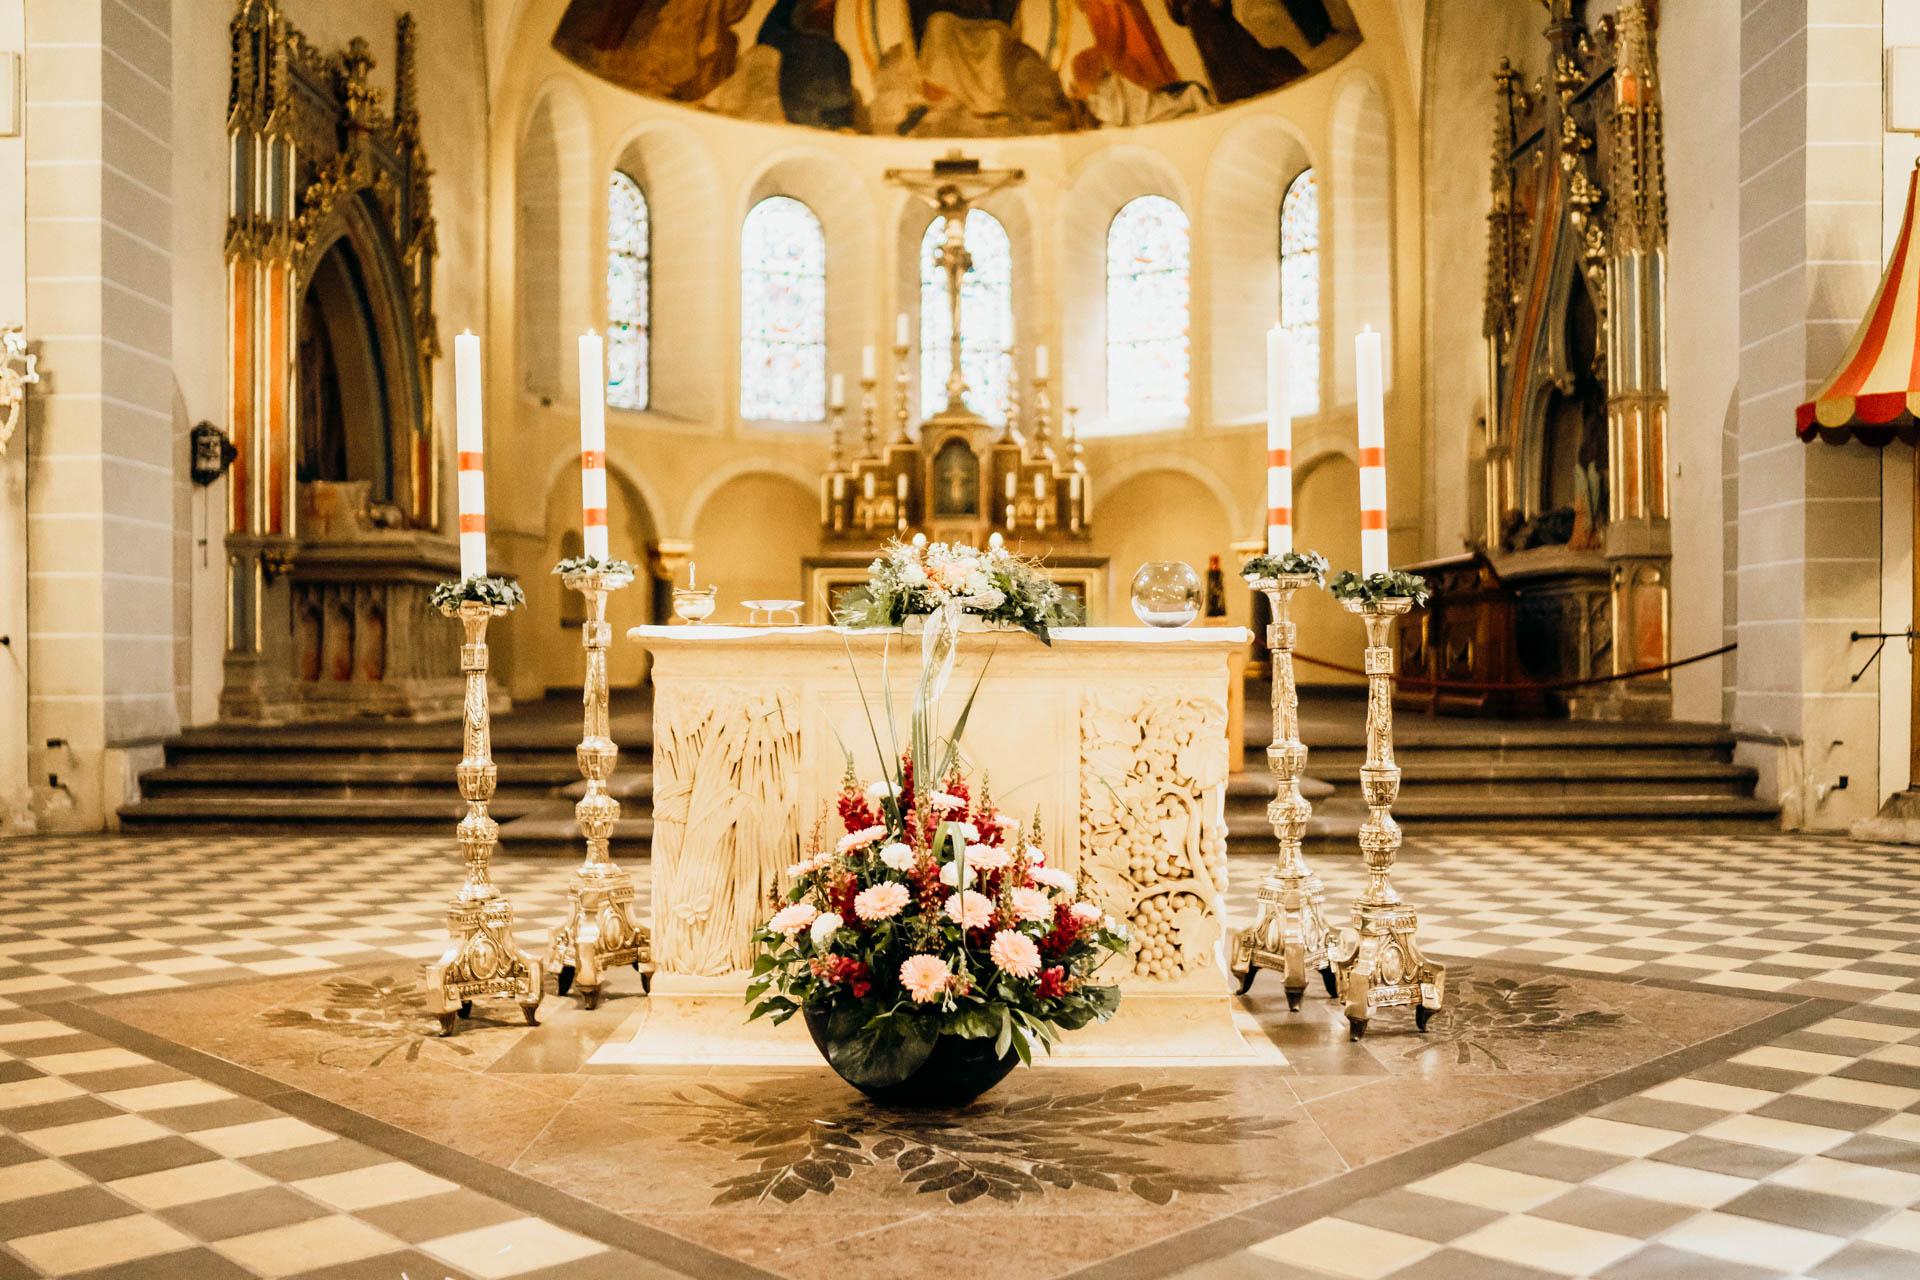 Basilika St. Kastor Koblenz